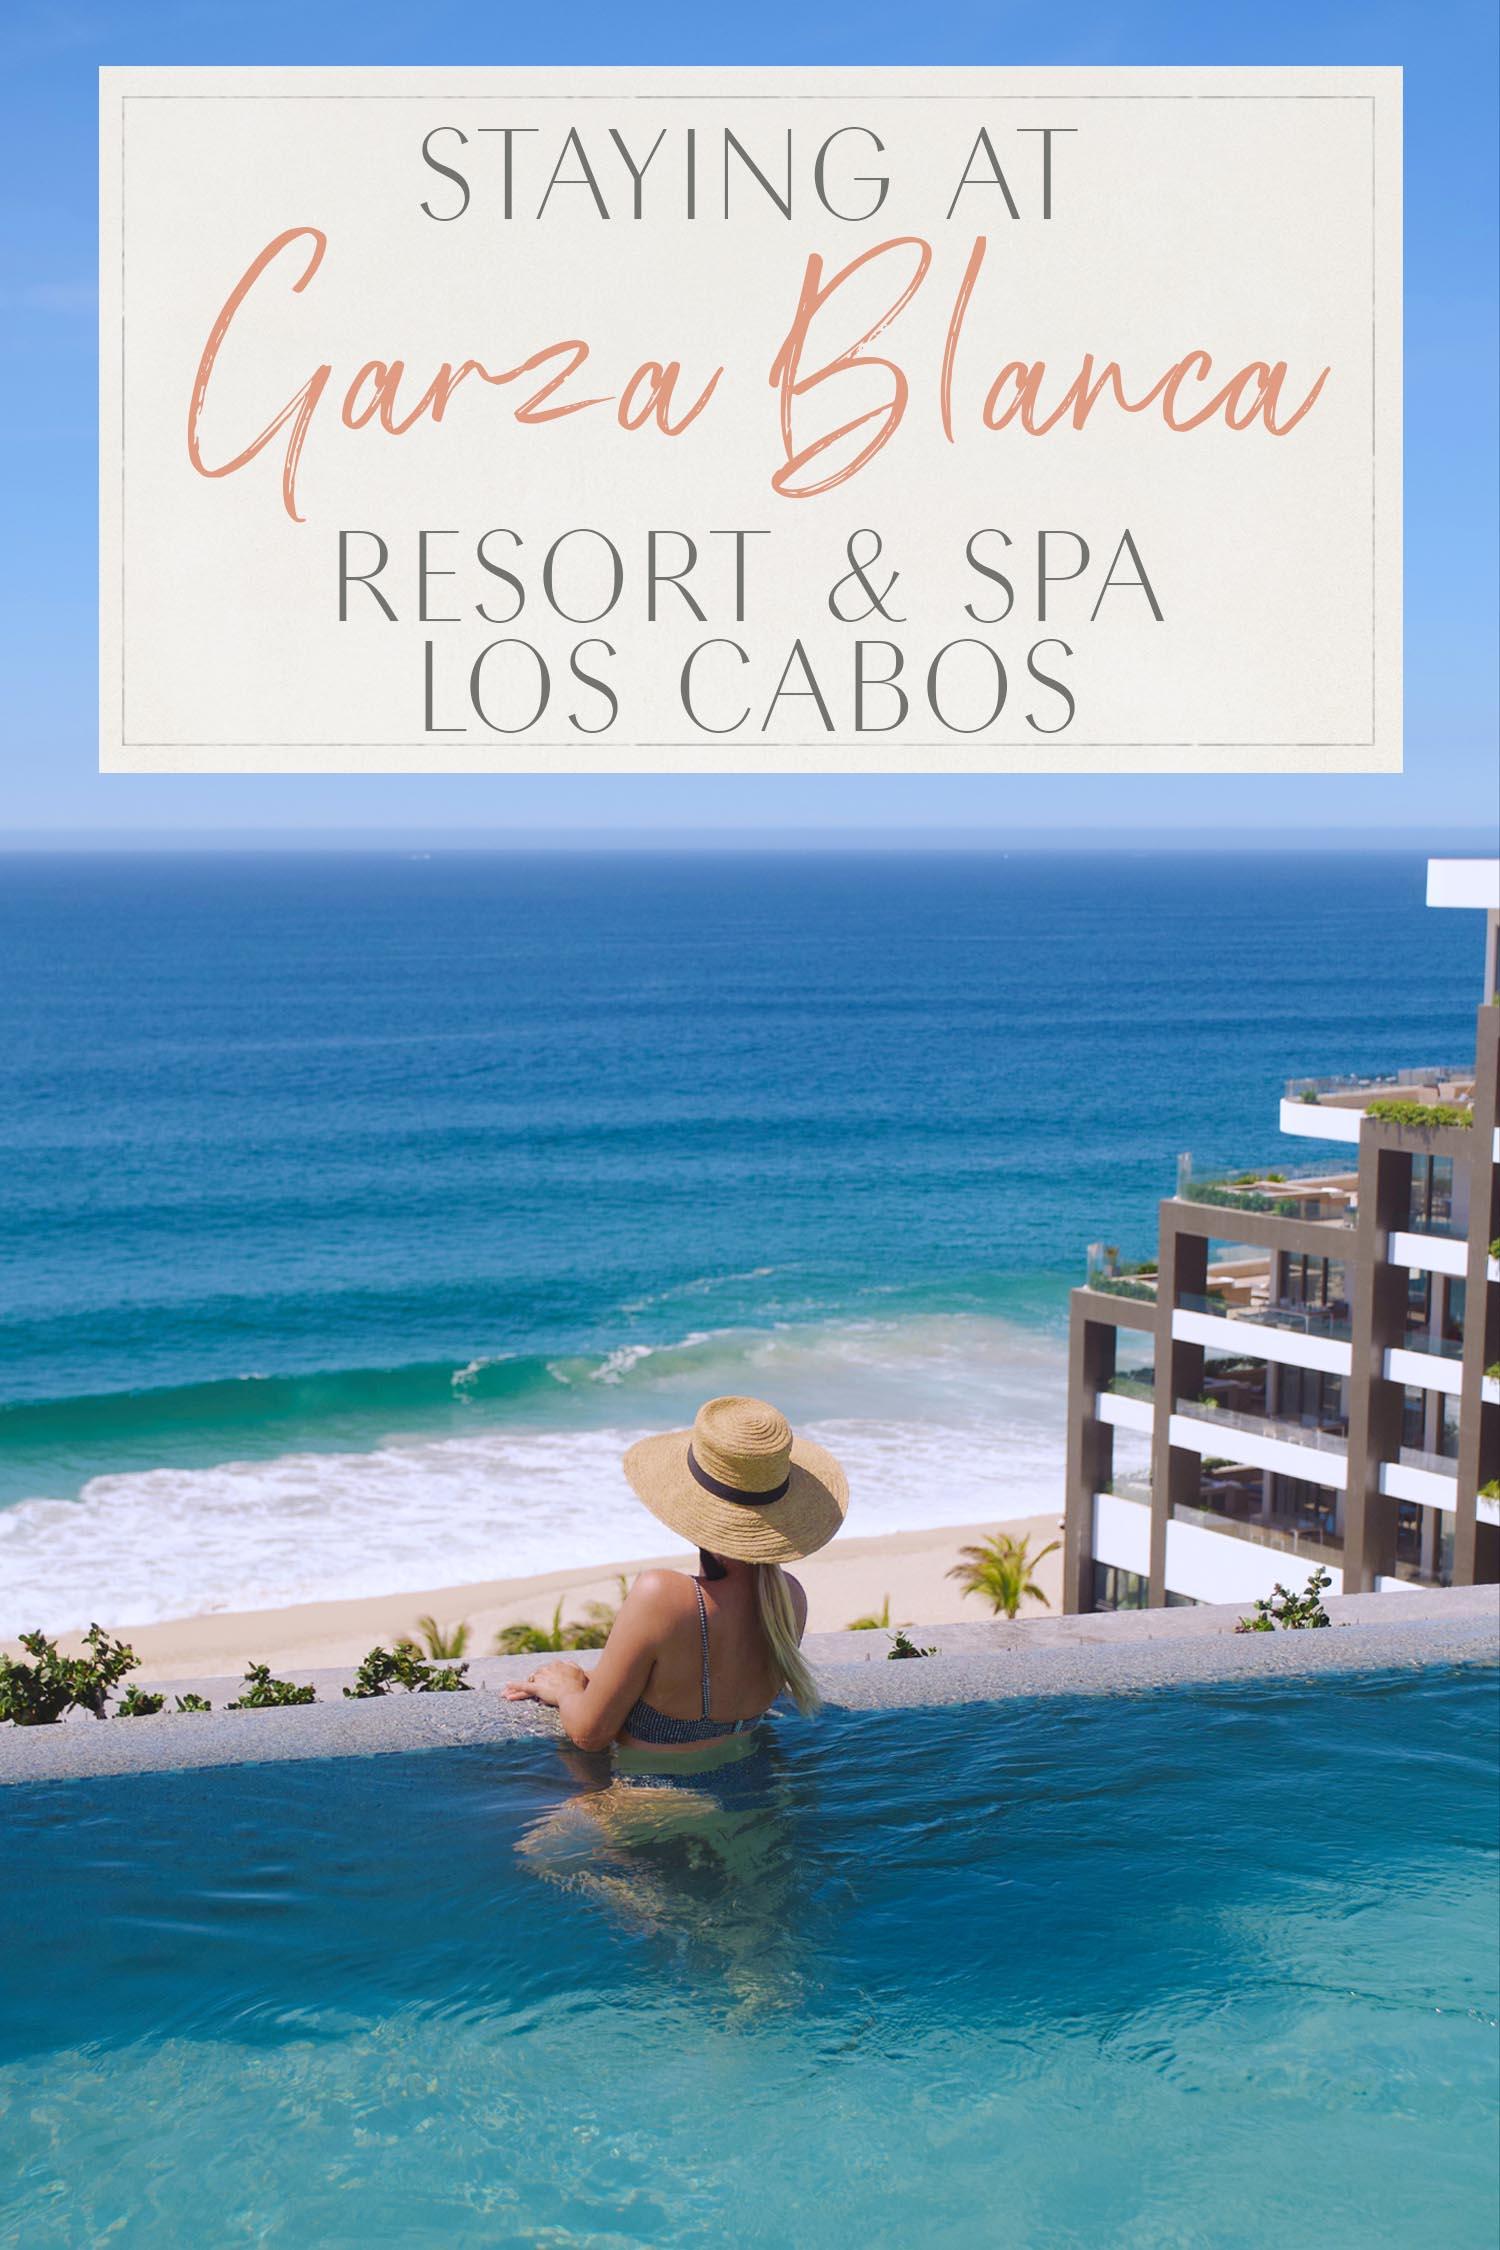 Staying at Garza Blanca Los Cabos